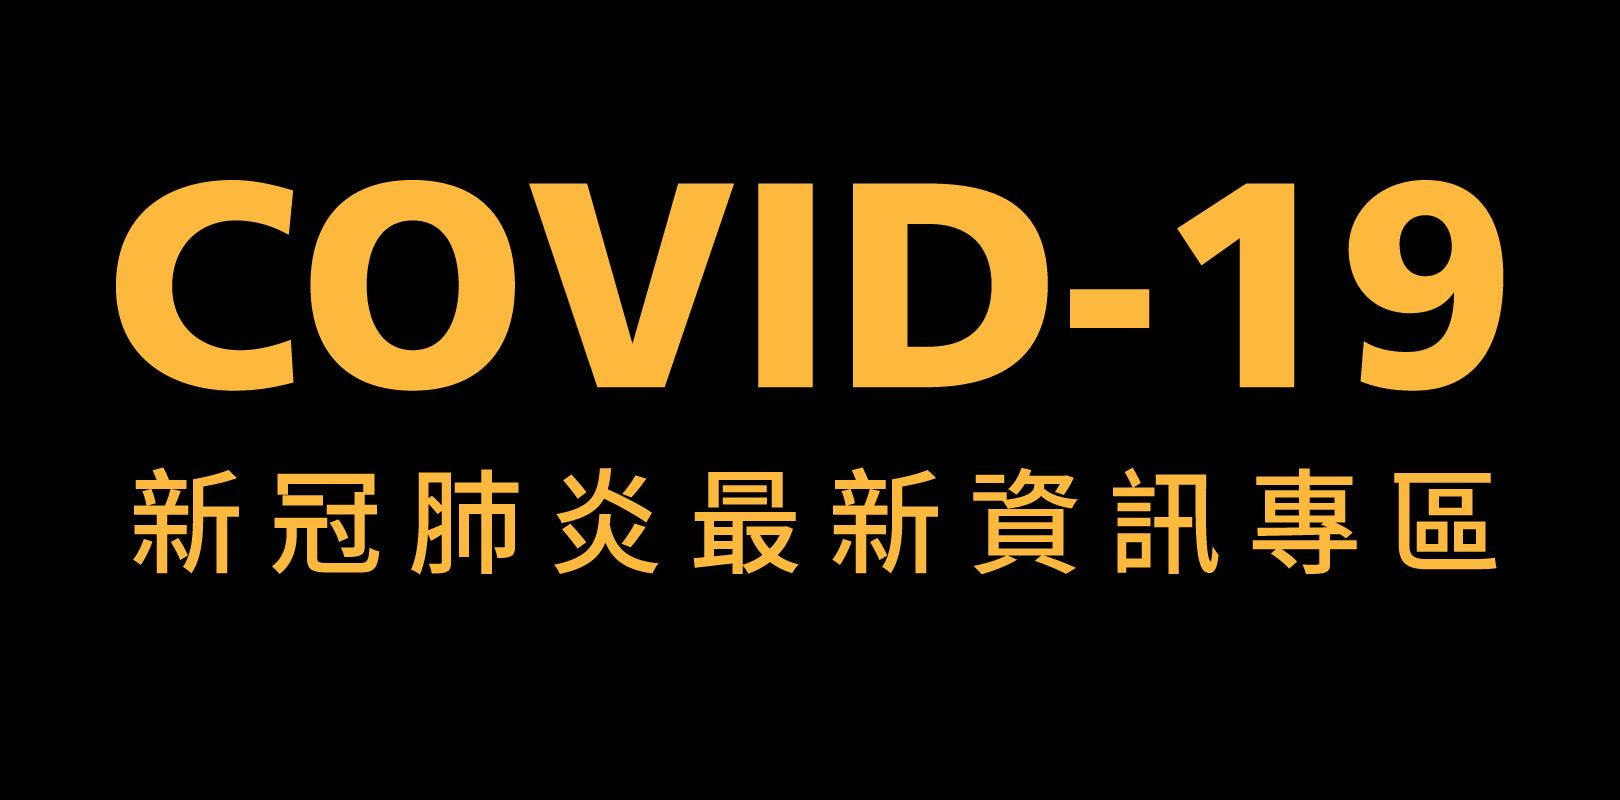 COVID-19新冠肺炎 最新資訊專區